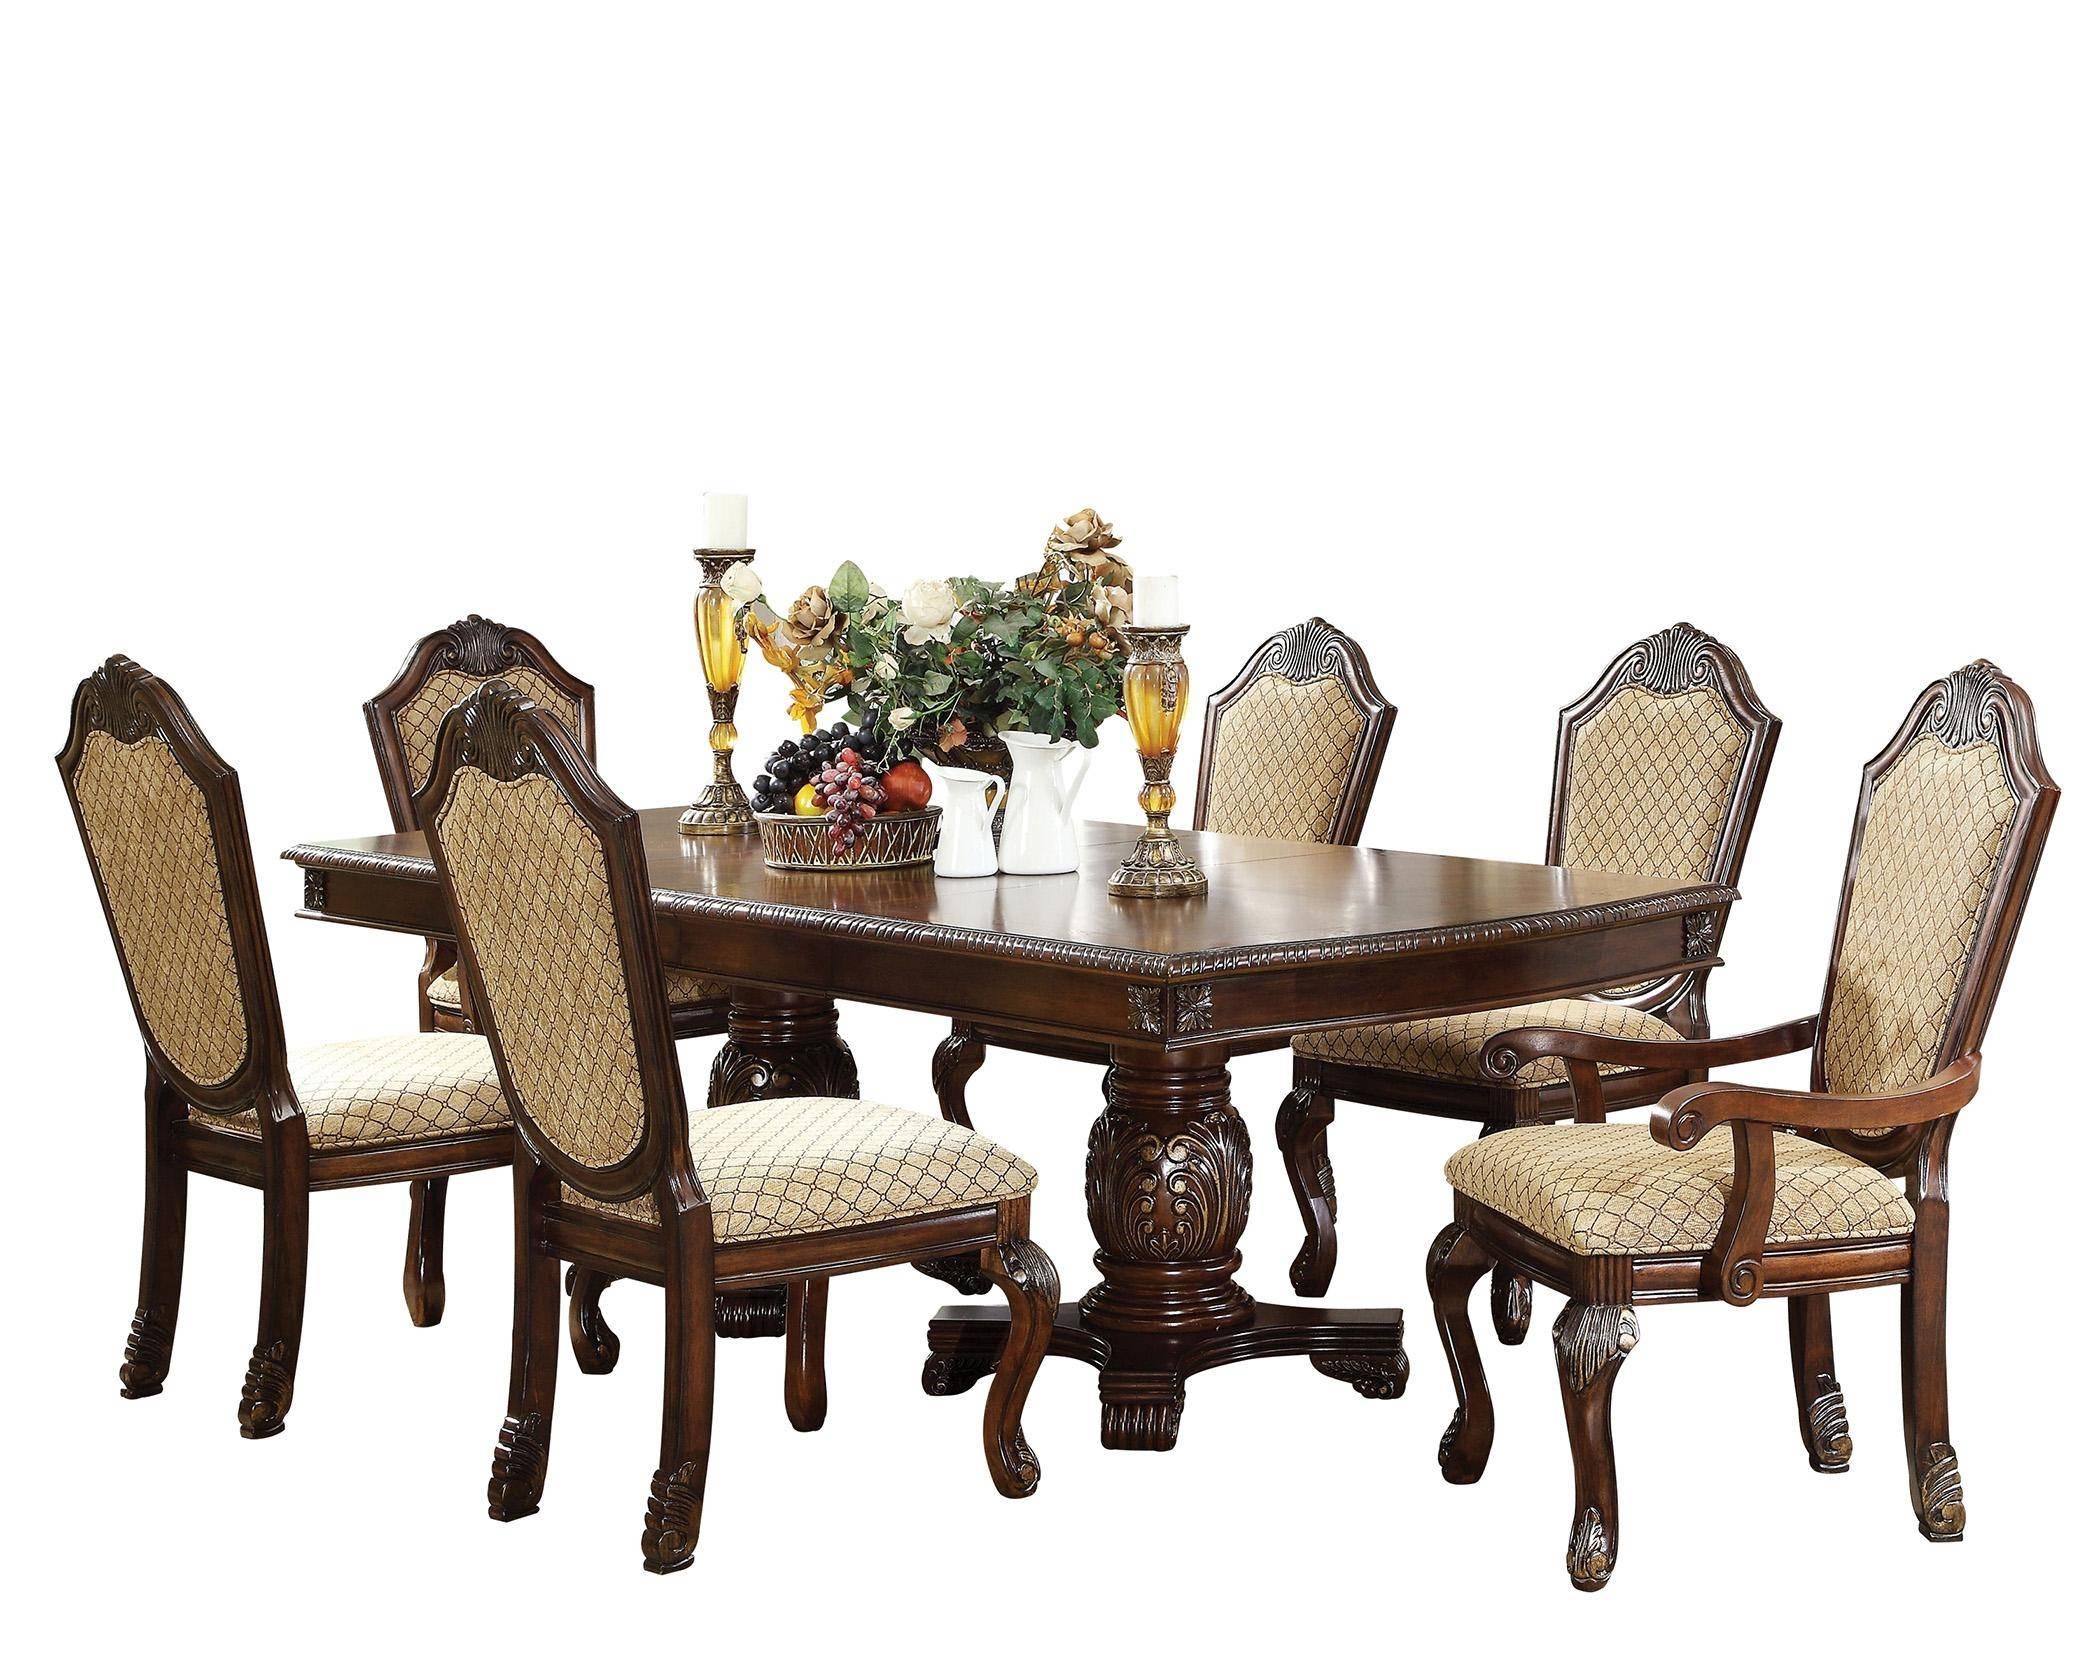 Buy Acme Chateau De Ville 64075 Dining Table Set 7 Pcs In Espresso Chenille Online